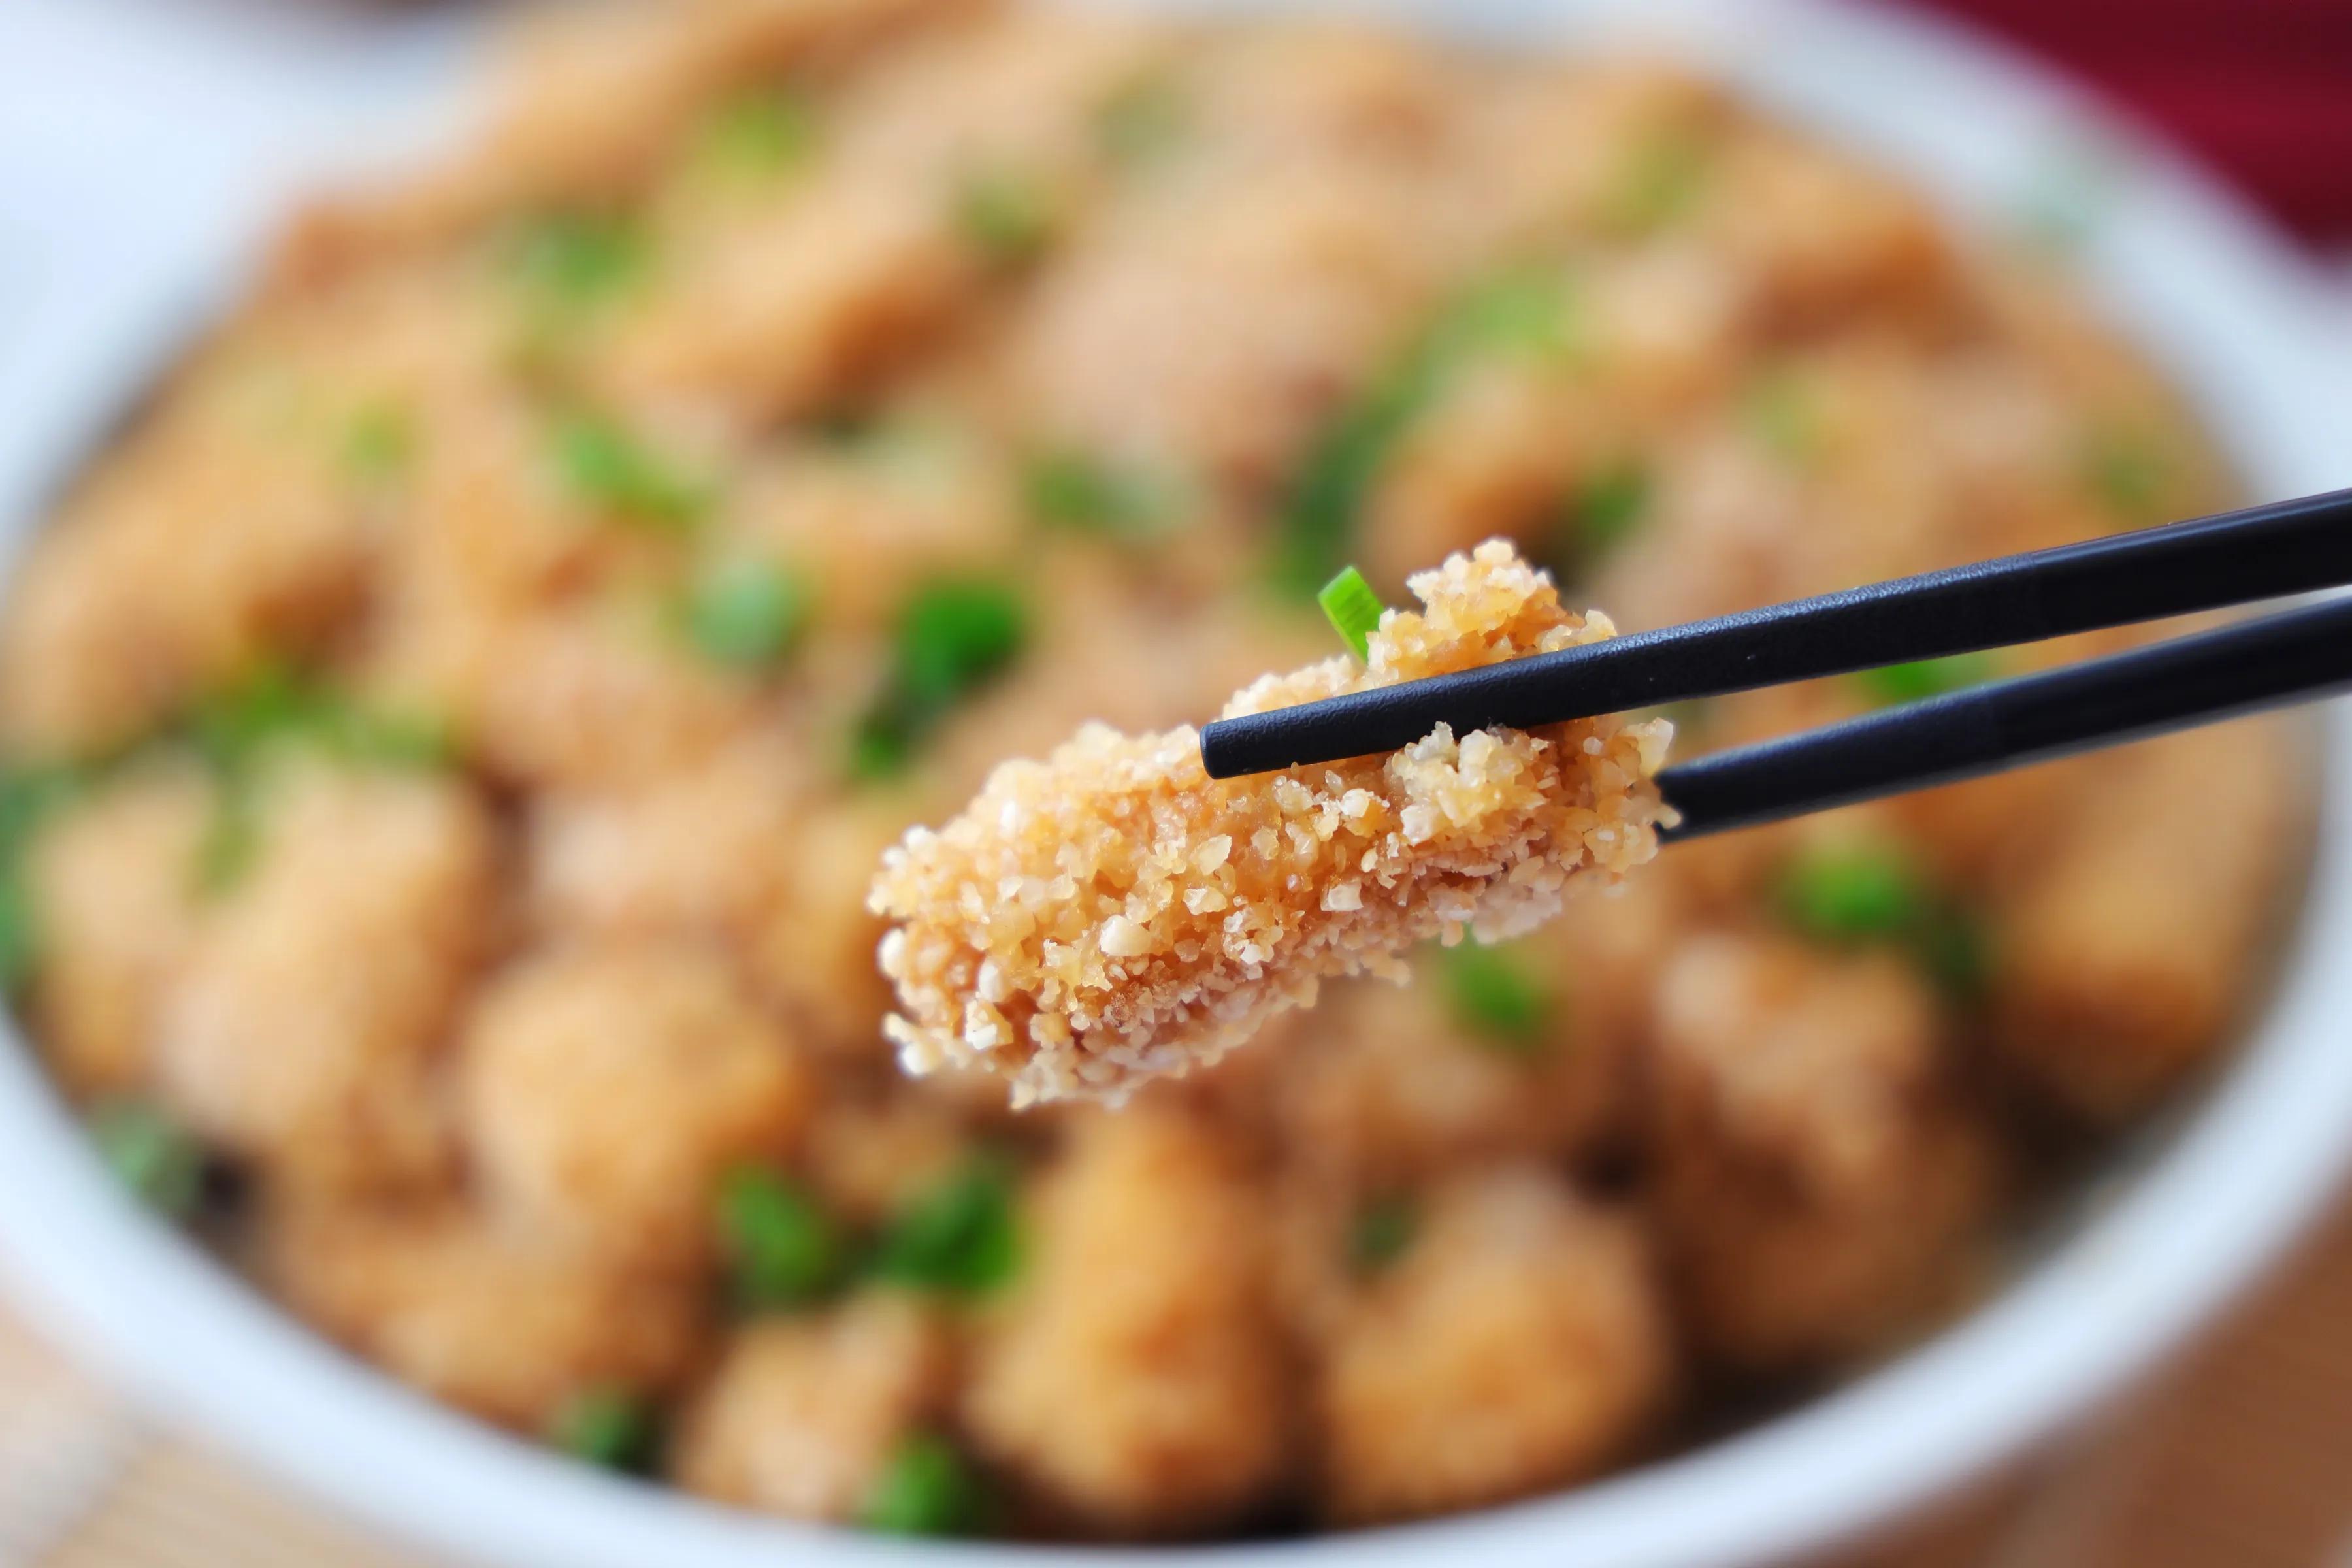 就爱鸡胸肉这个做法,不柴不硬不加油,好吃还不上火,越嚼越香! 美食做法 第13张